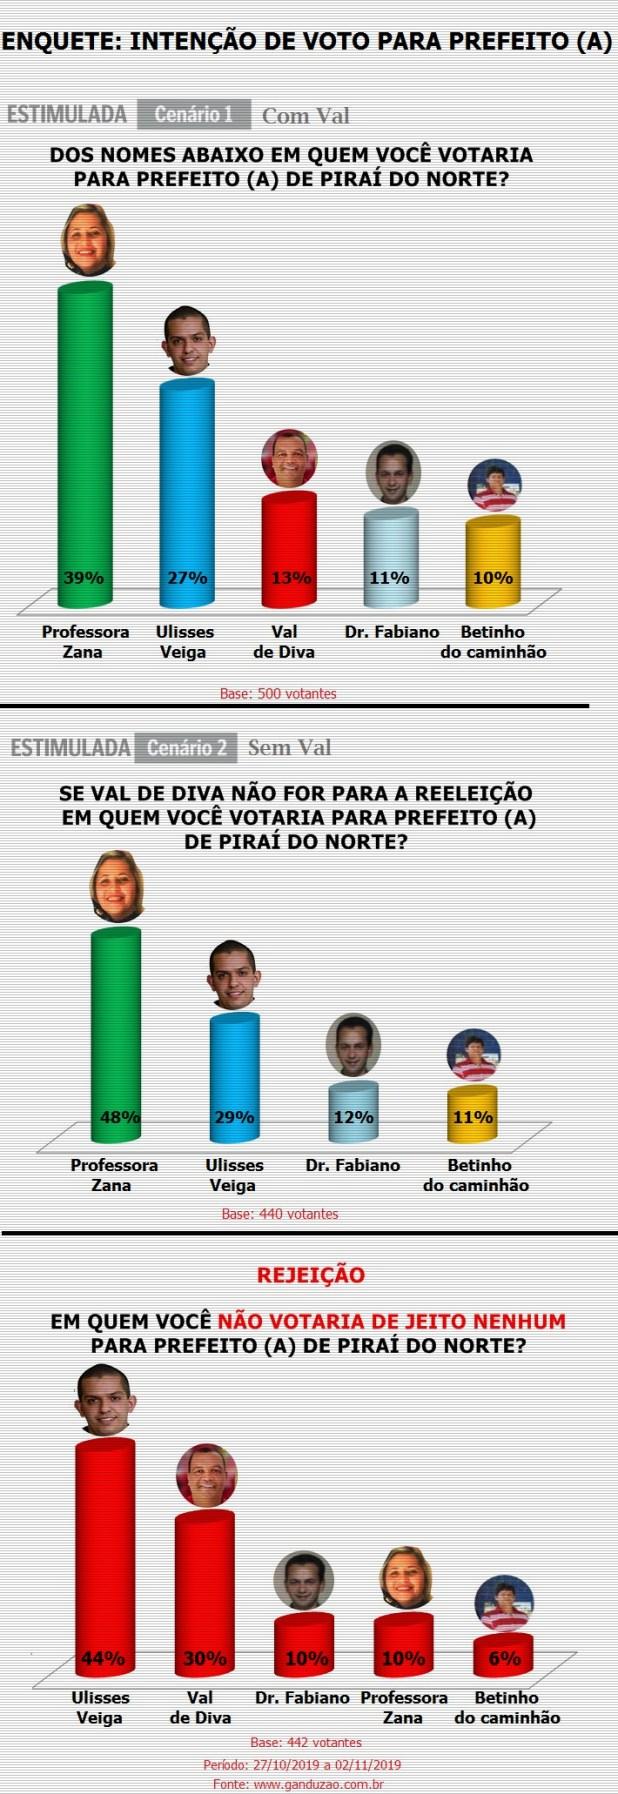 Professora-Zana-lidera-inten%C3%A7%C3%A3o-de-voto-para-prefeita-de-Pira%C3%AD-do-Norte-1 Intenção de voto para prefeito (a) de Piraí do Norte